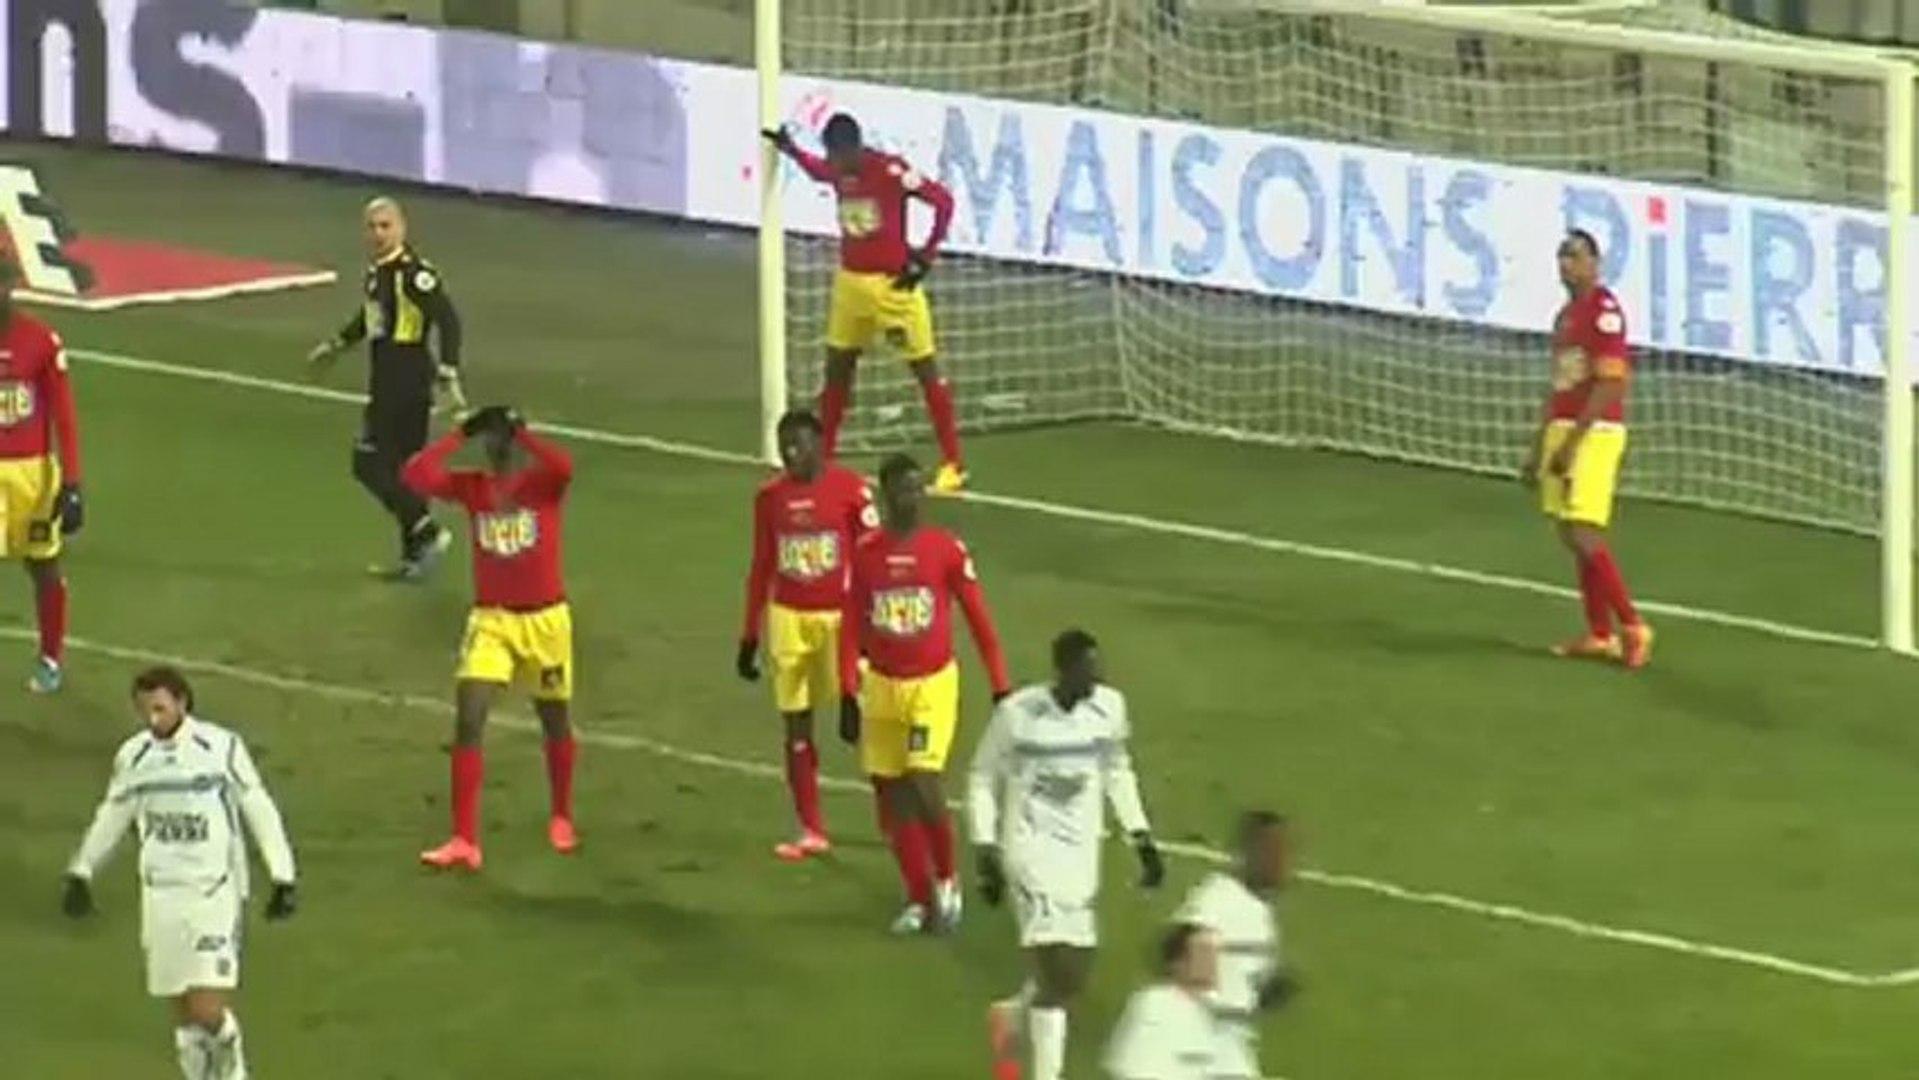 AJ Auxerre (AJA) - Le Mans FC (LEMANS) Le résumé du match (22ème journée) - saison 2012/2013